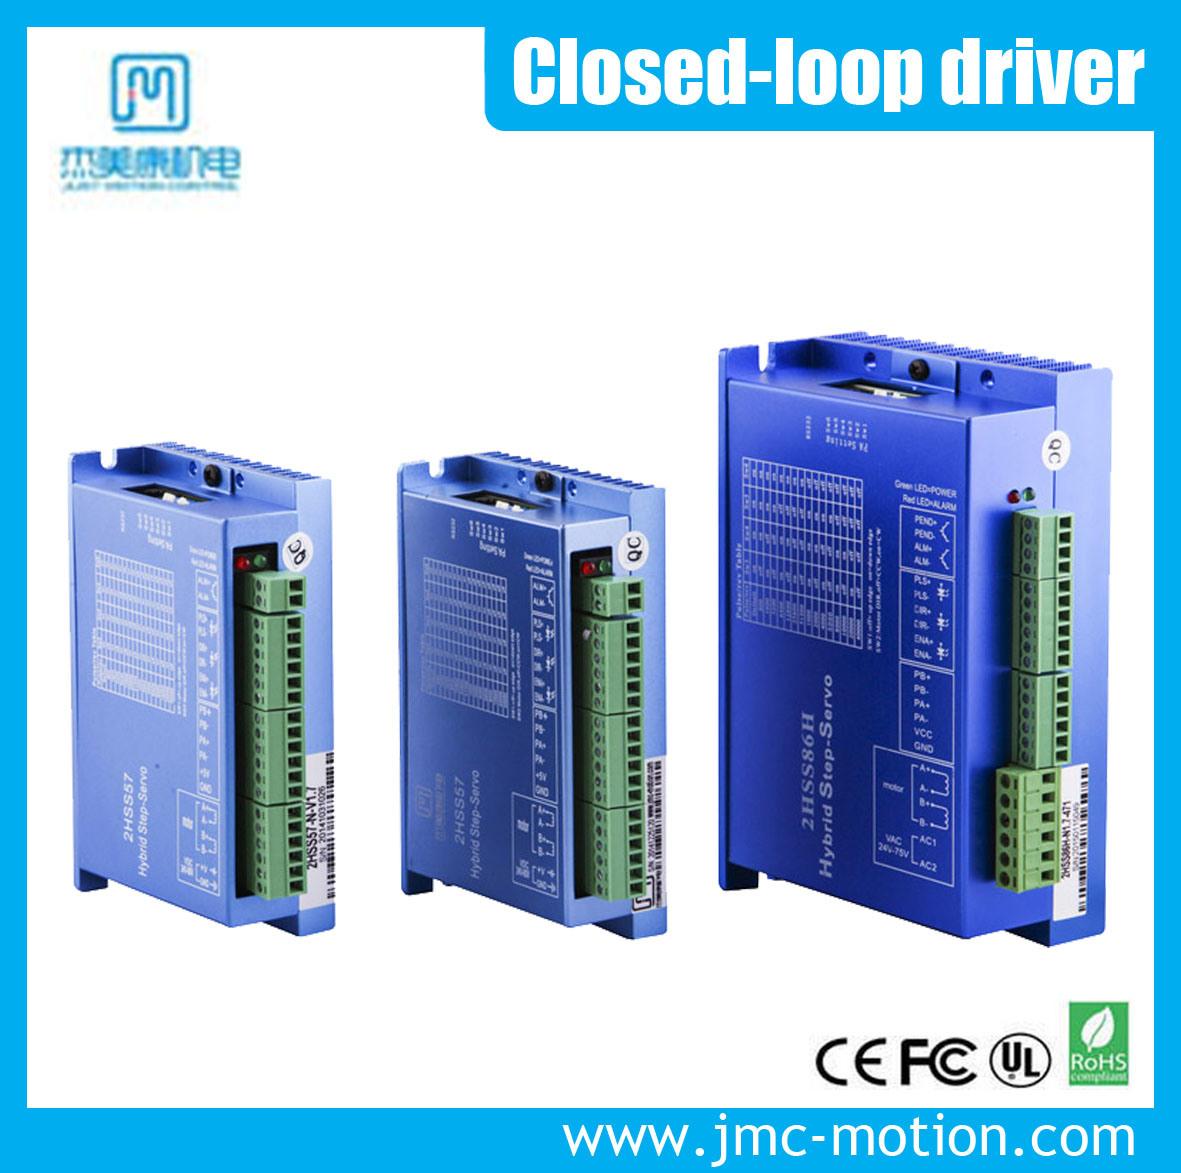 Hybrid Closed Loop Motor 2.2n. M NEMA23 Stepper Motor with Encoder